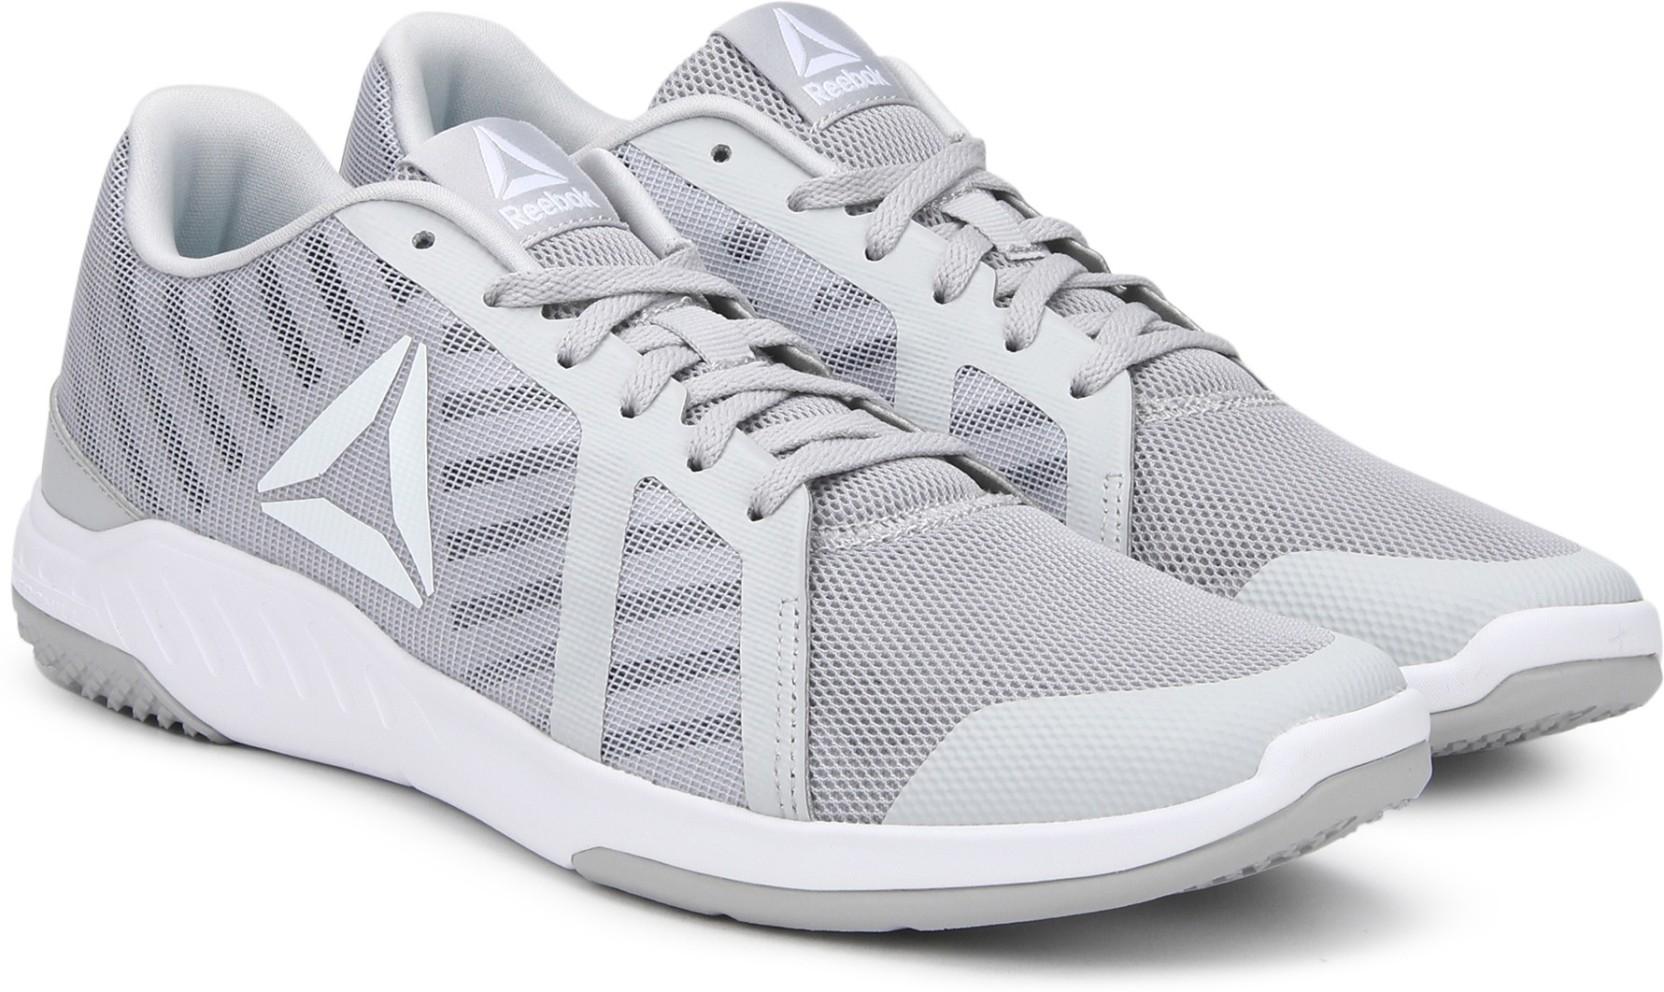 6d702926e38218 REEBOK EVERCHILL TR 2.0 Training Shoes For Men - Buy GREY TEAL WHITE ...